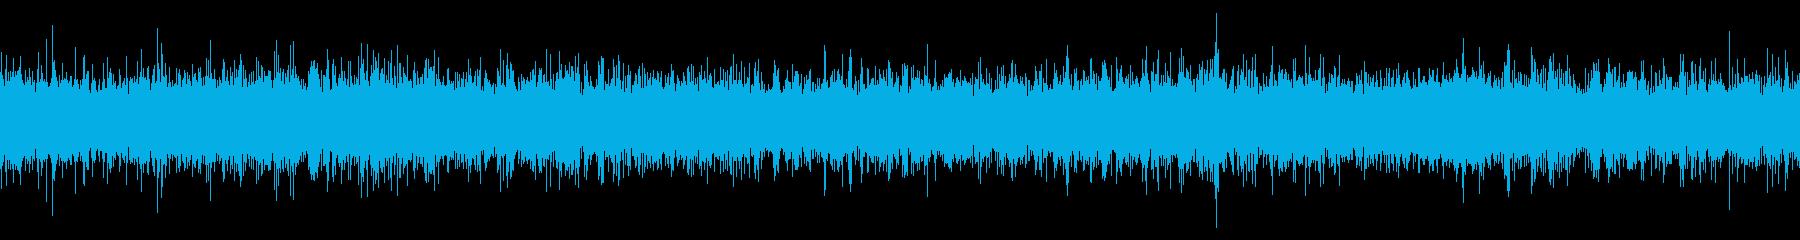 肉を焼く音の再生済みの波形